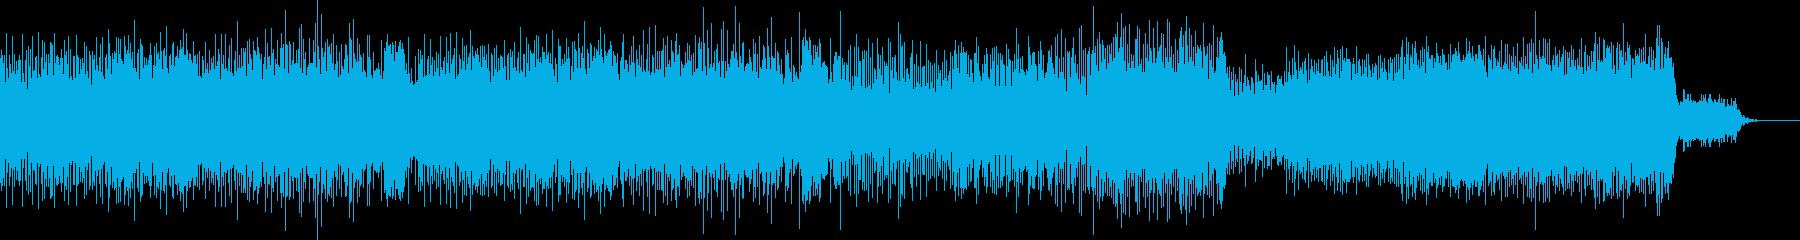 ポップ サスペンス アクション 静...の再生済みの波形